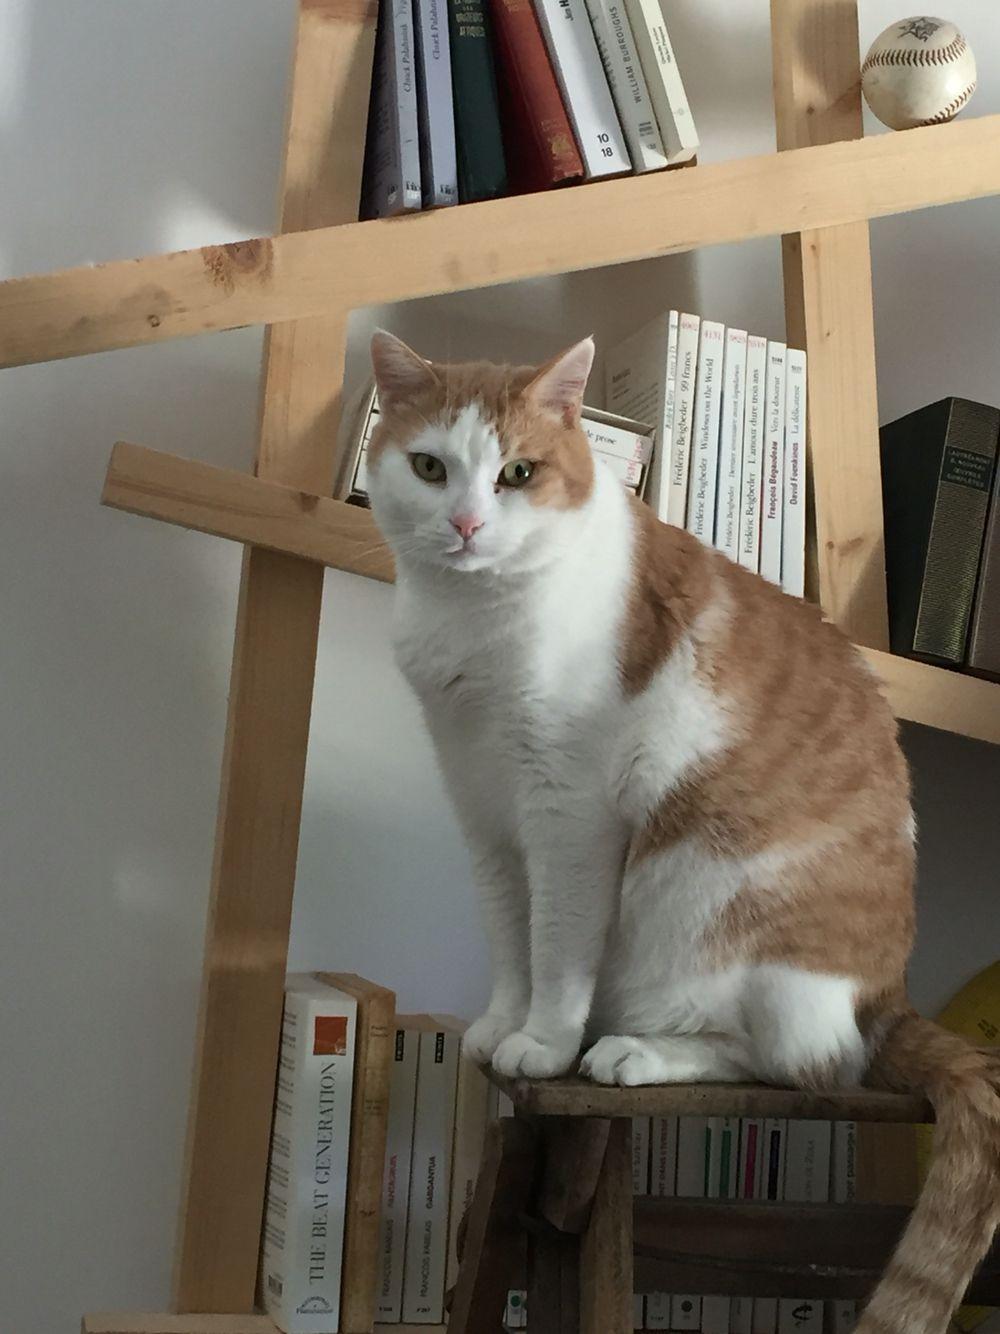 #chat #chaton #cat #kitten